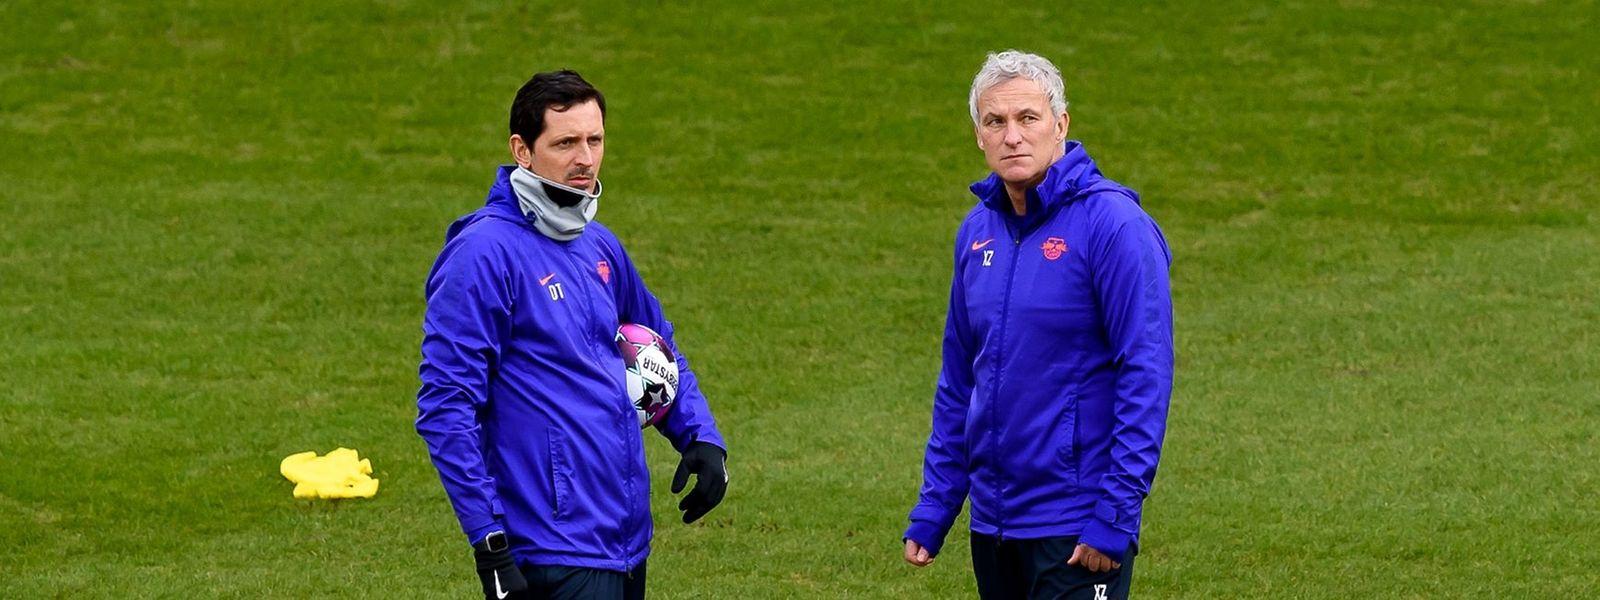 Dino Toppmöller (l.) und Xaver Zembrod (r.) begleiten Julian Nagelsmann nach München.